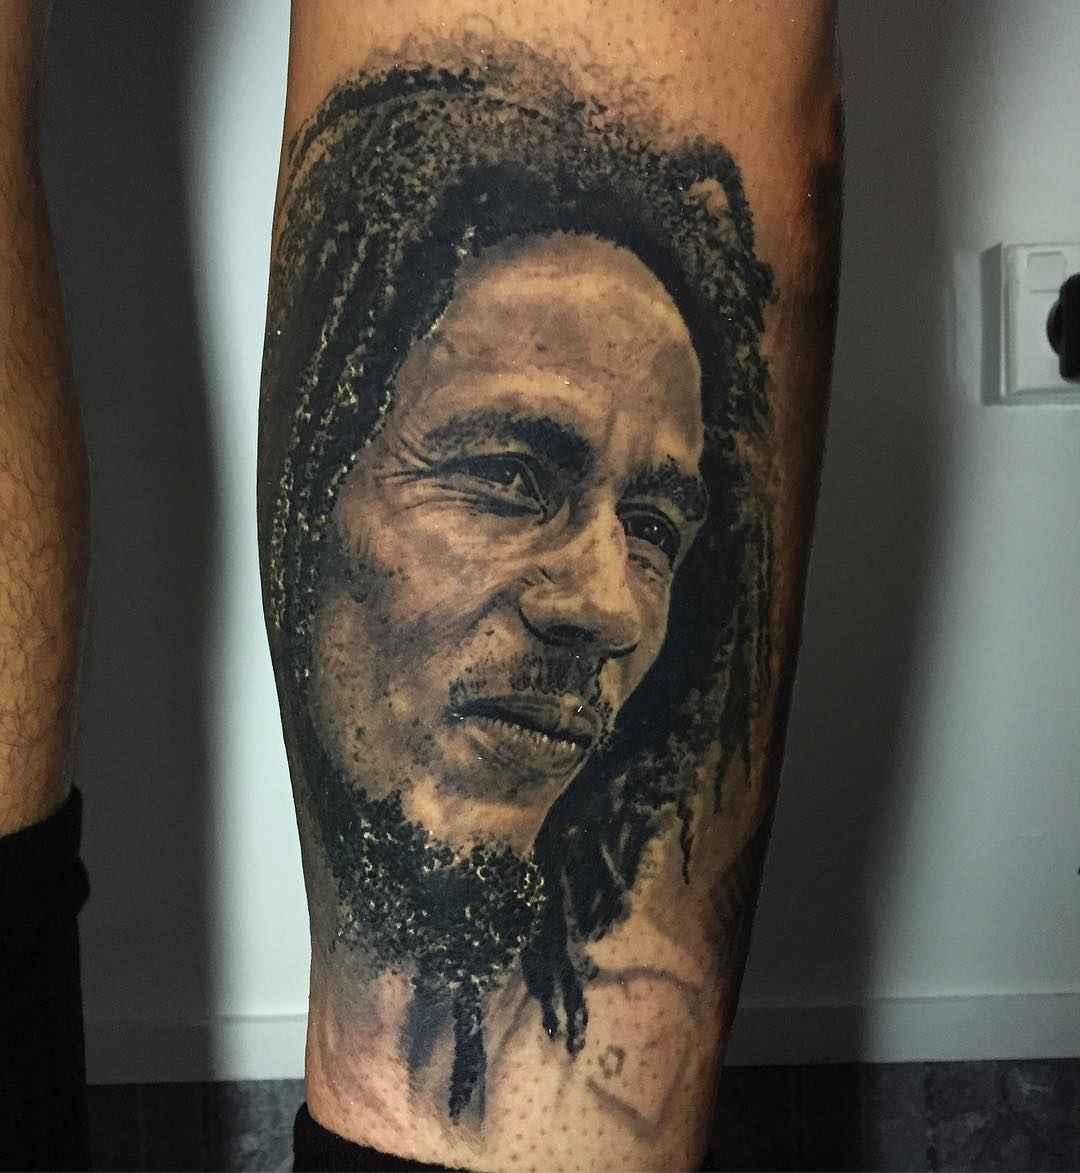 Tattoo Artist Steve Butcher Auckland New Zealand